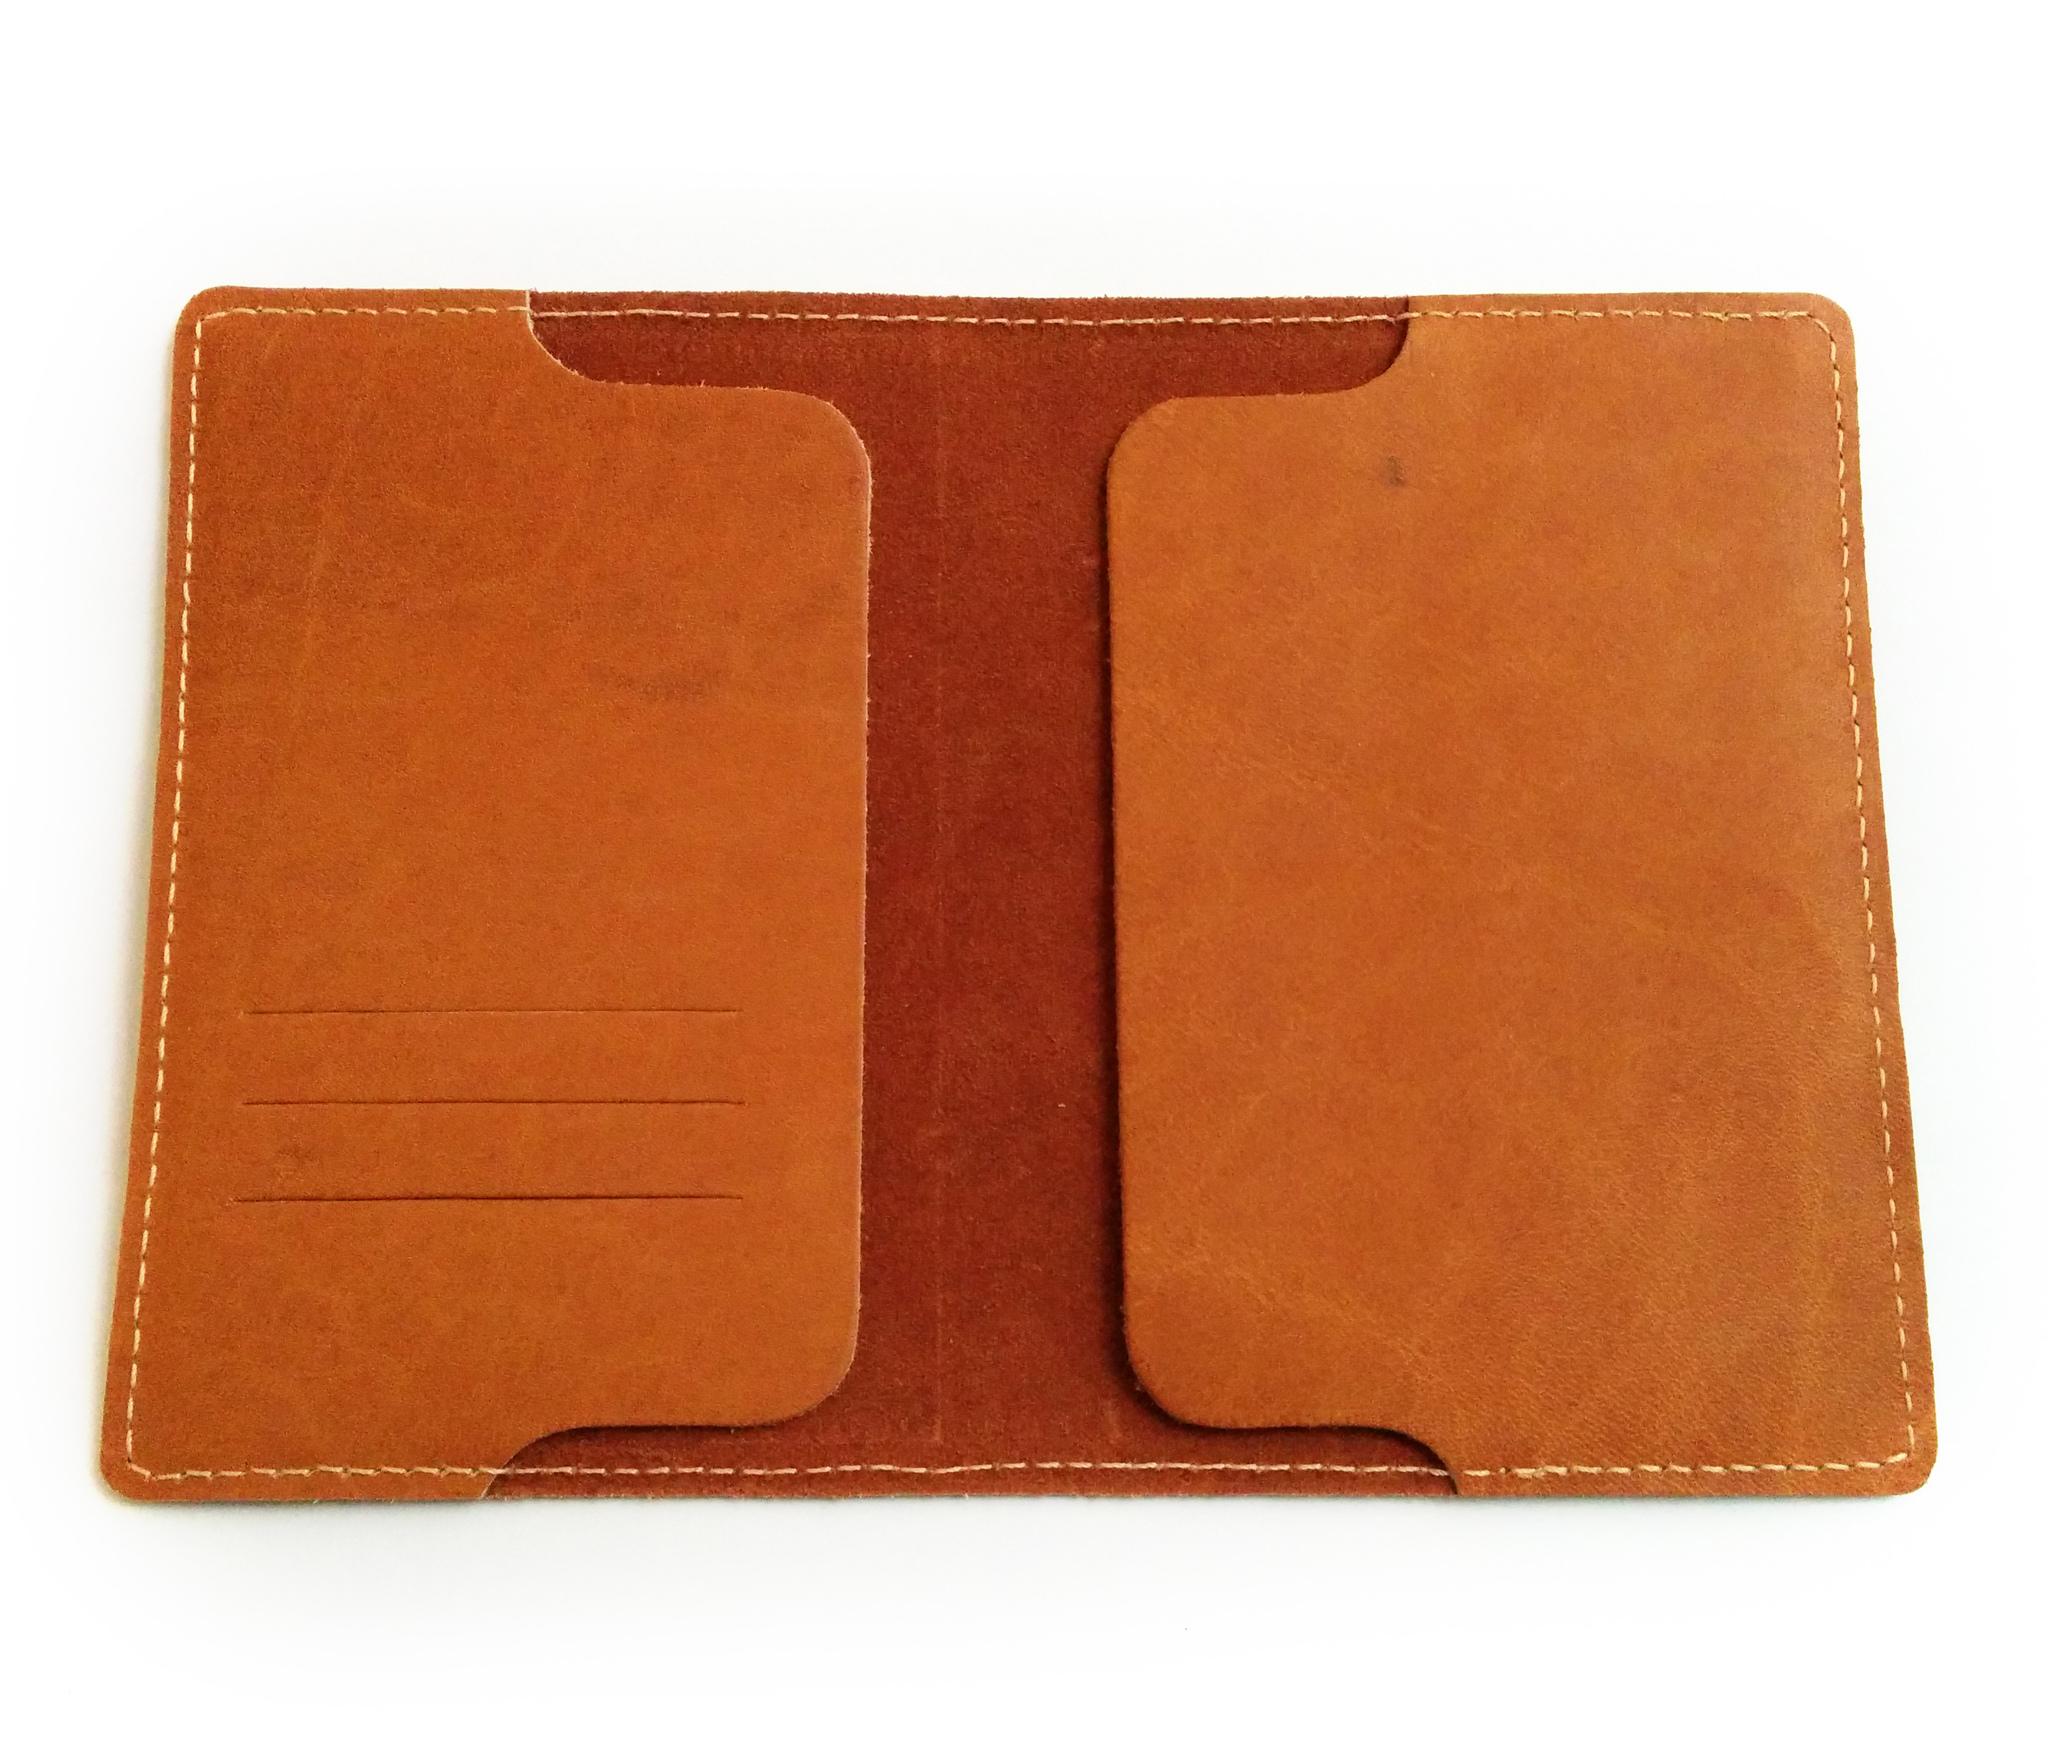 BY14-18-03 Обложка на паспорт с «Че Геварой» фото 03